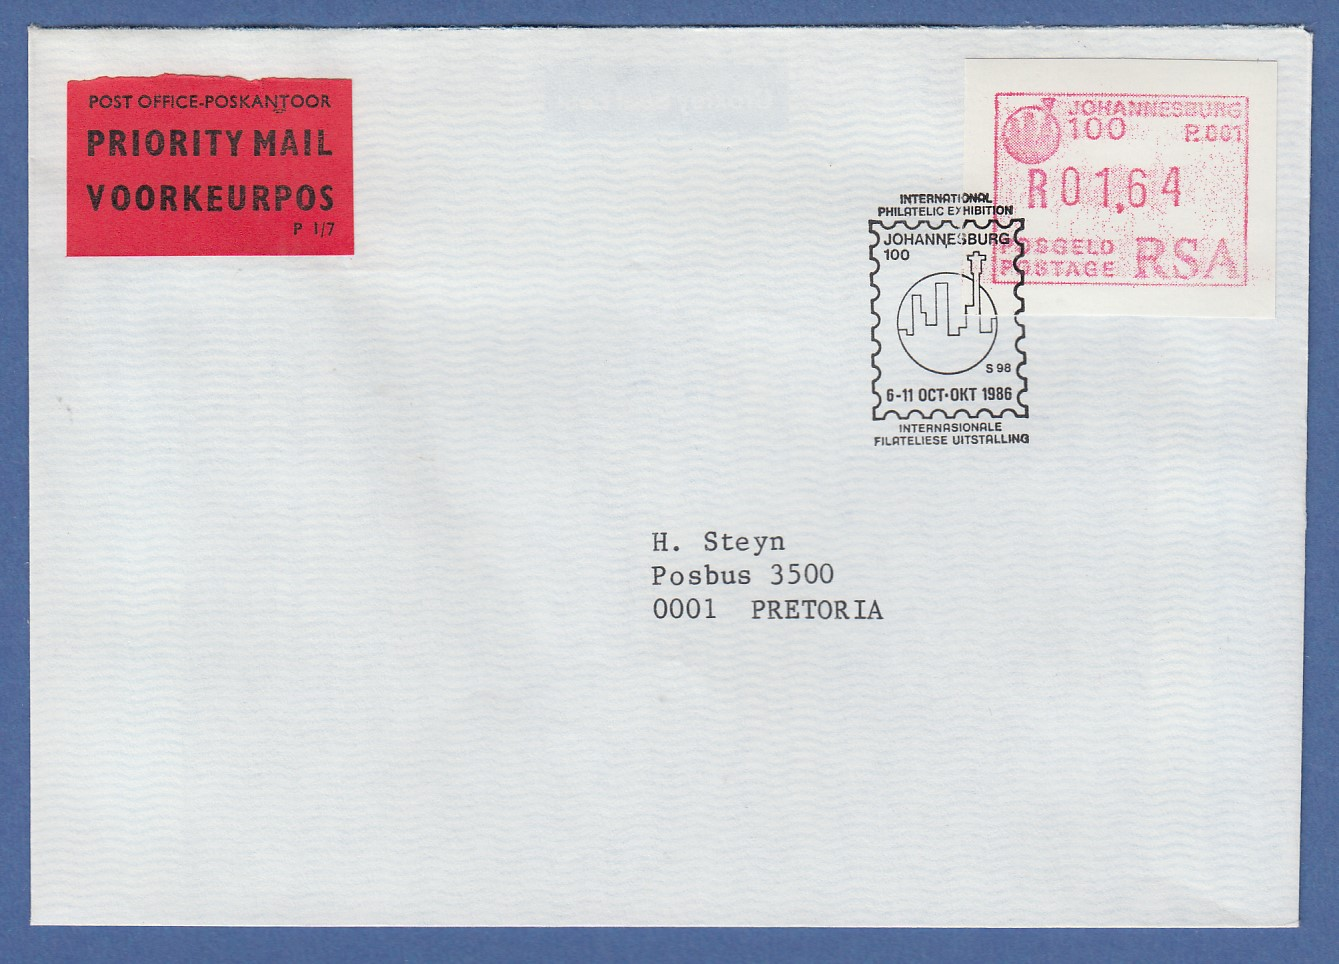 Diverse Philatelie Briefmarken Sammlung Hier Rsa Südafrika Frama-atm Aus Oa P.001 Pretoria Wert 00.30 Auf Brief Nach Belgien